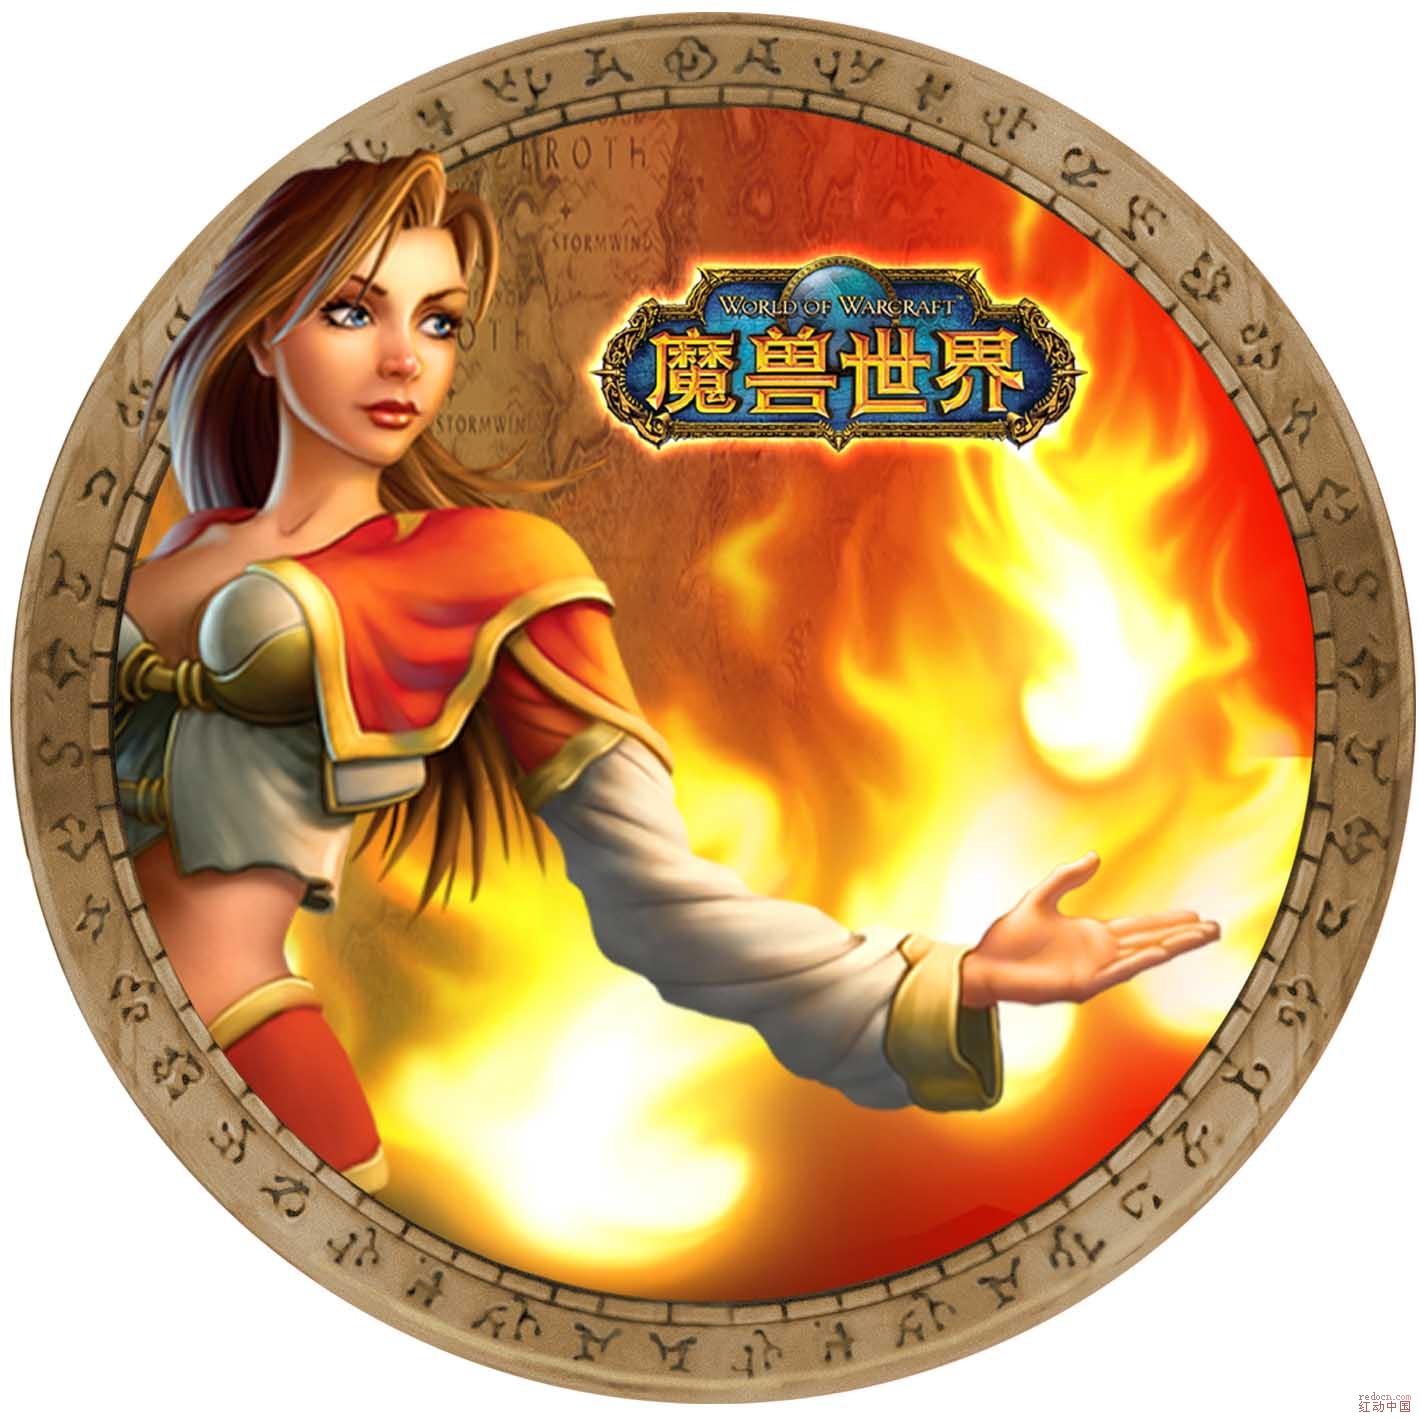 清晰的魔兽世界logo和魔兽游戏角色分层图